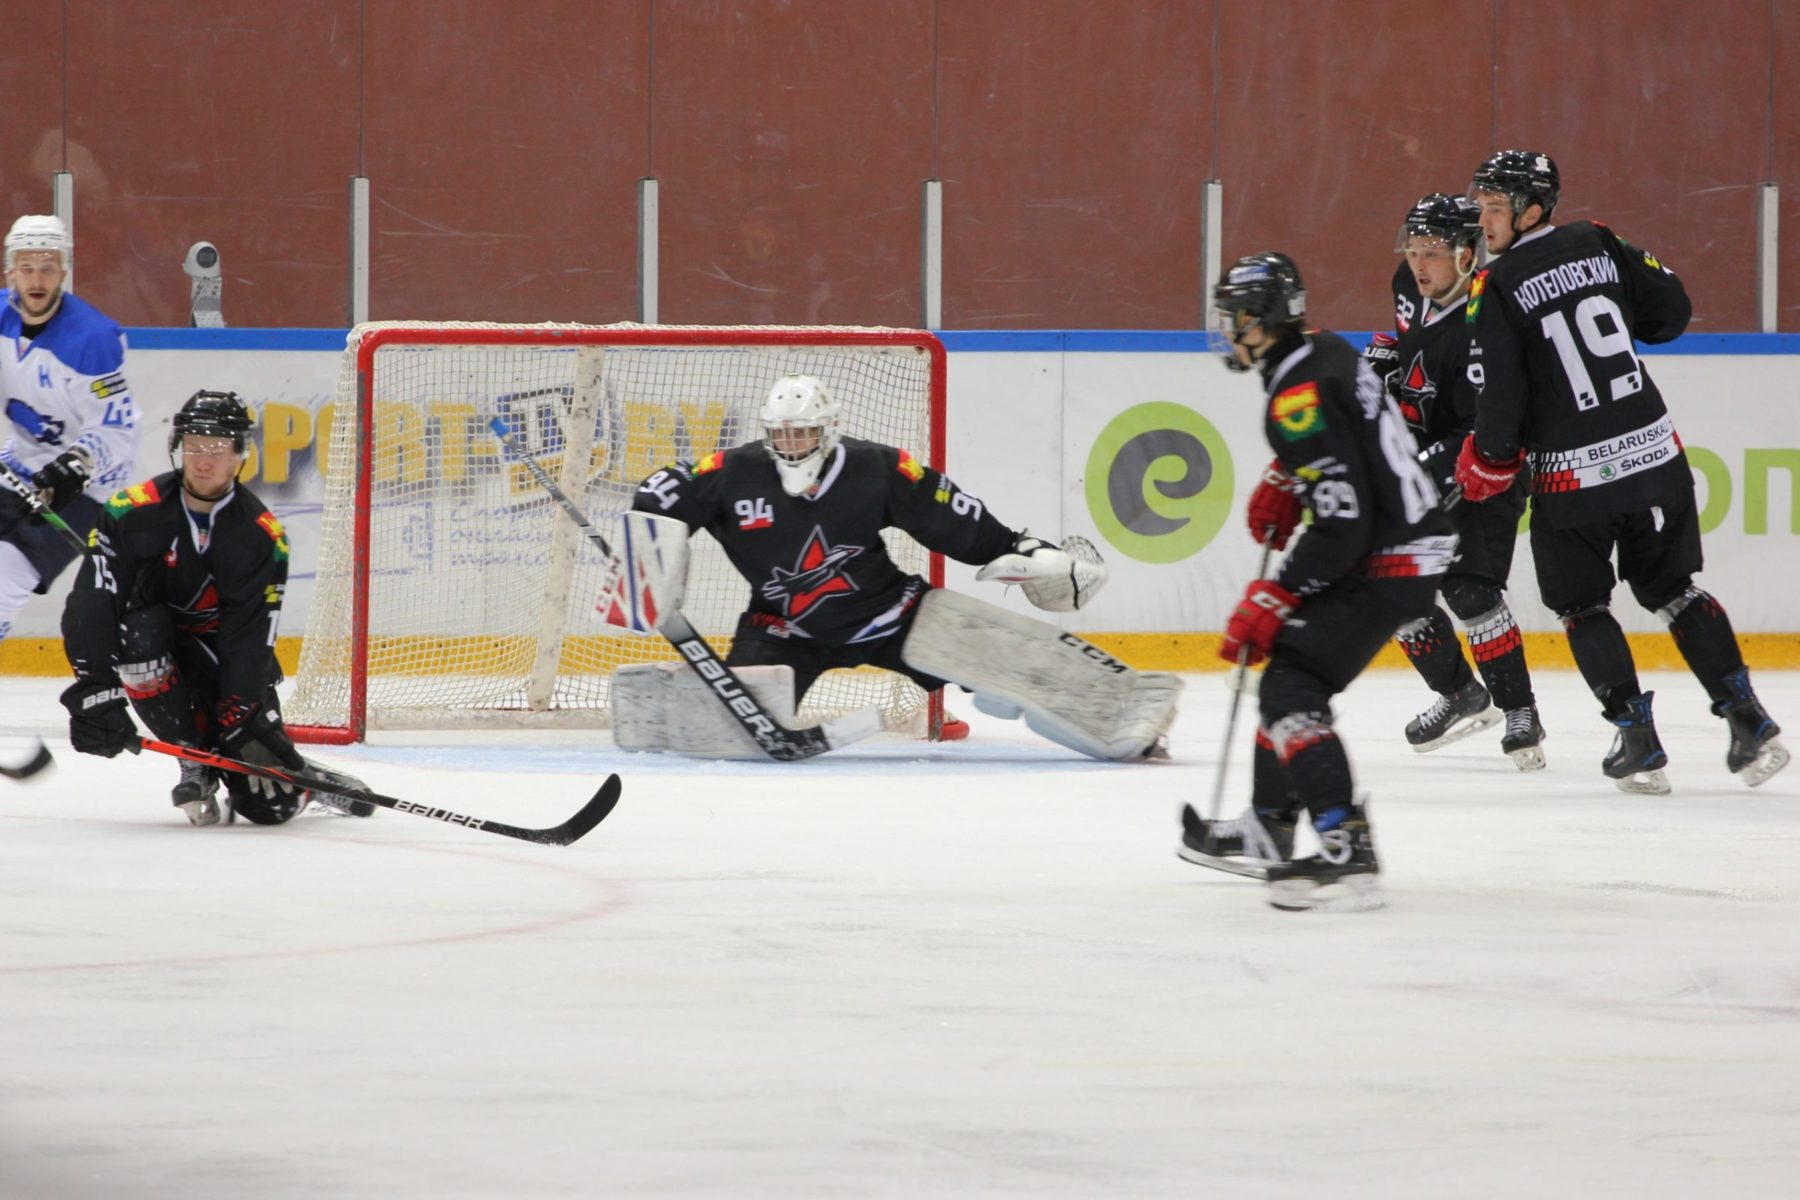 Голкипер Никита Мытник отражает атаку на свои ворота.